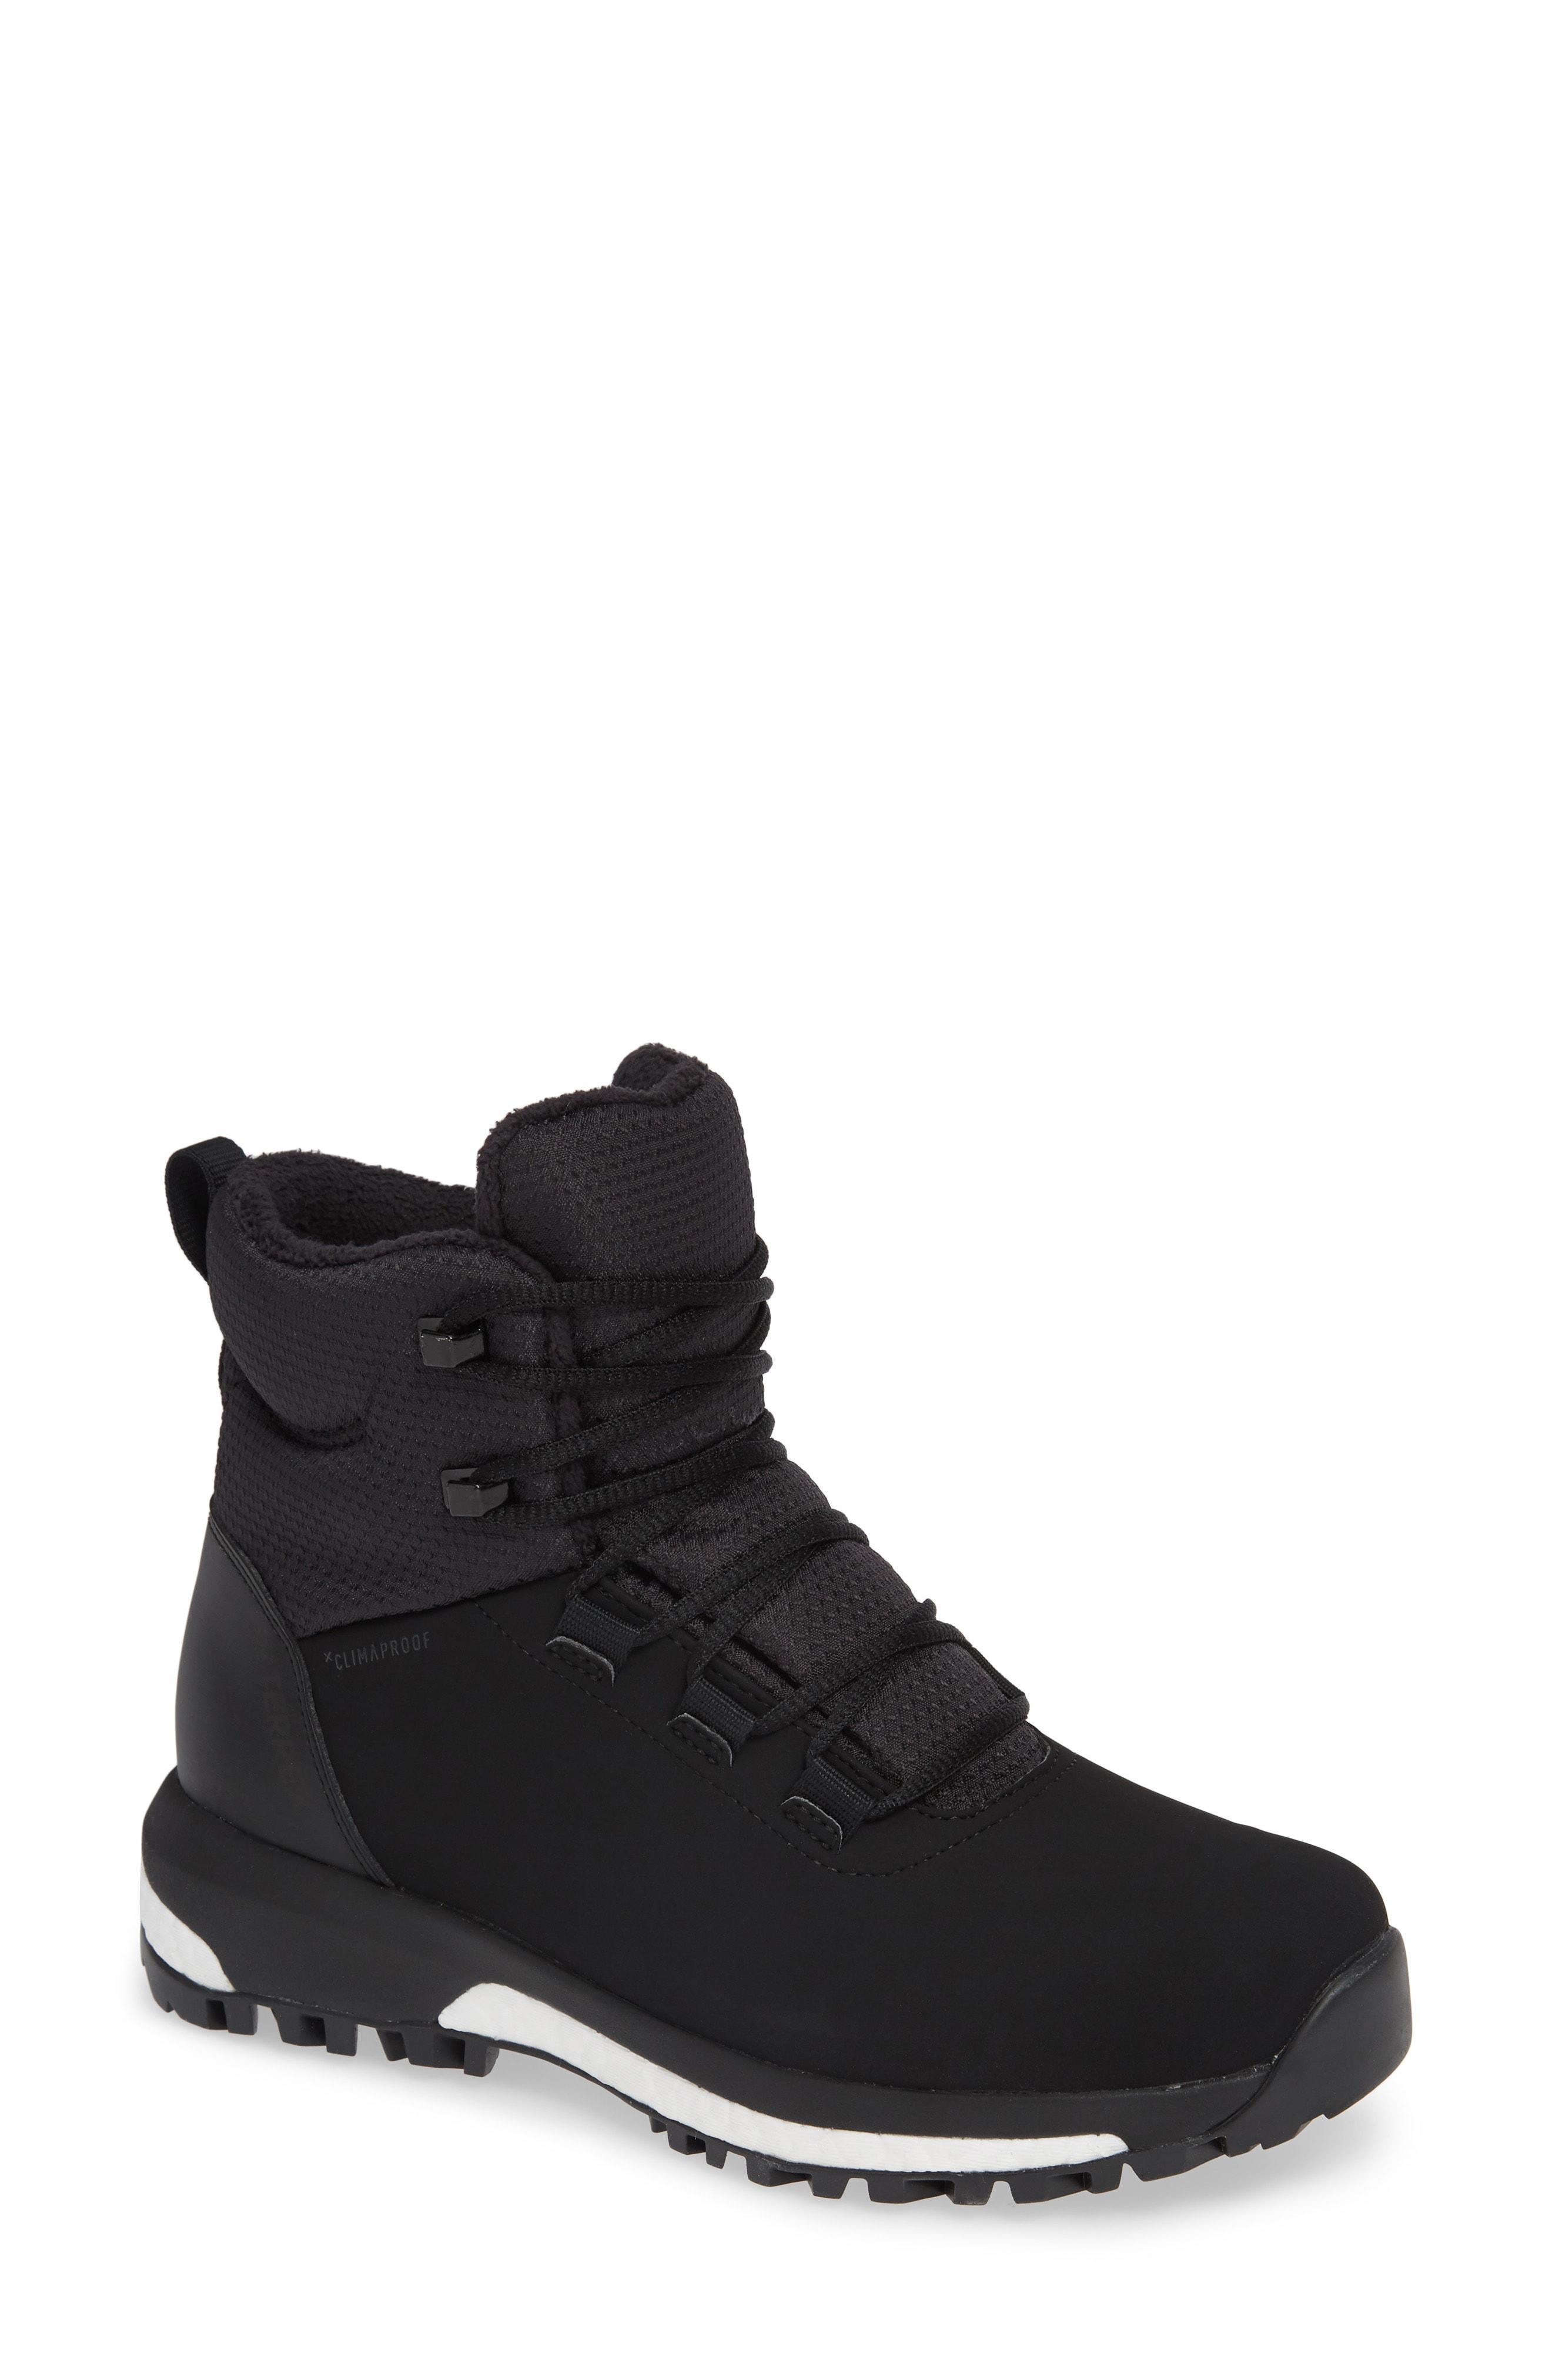 ef1425326d408 Lyst - Adidas Terrex Pathmaker Waterproof Hiking Boot in Black